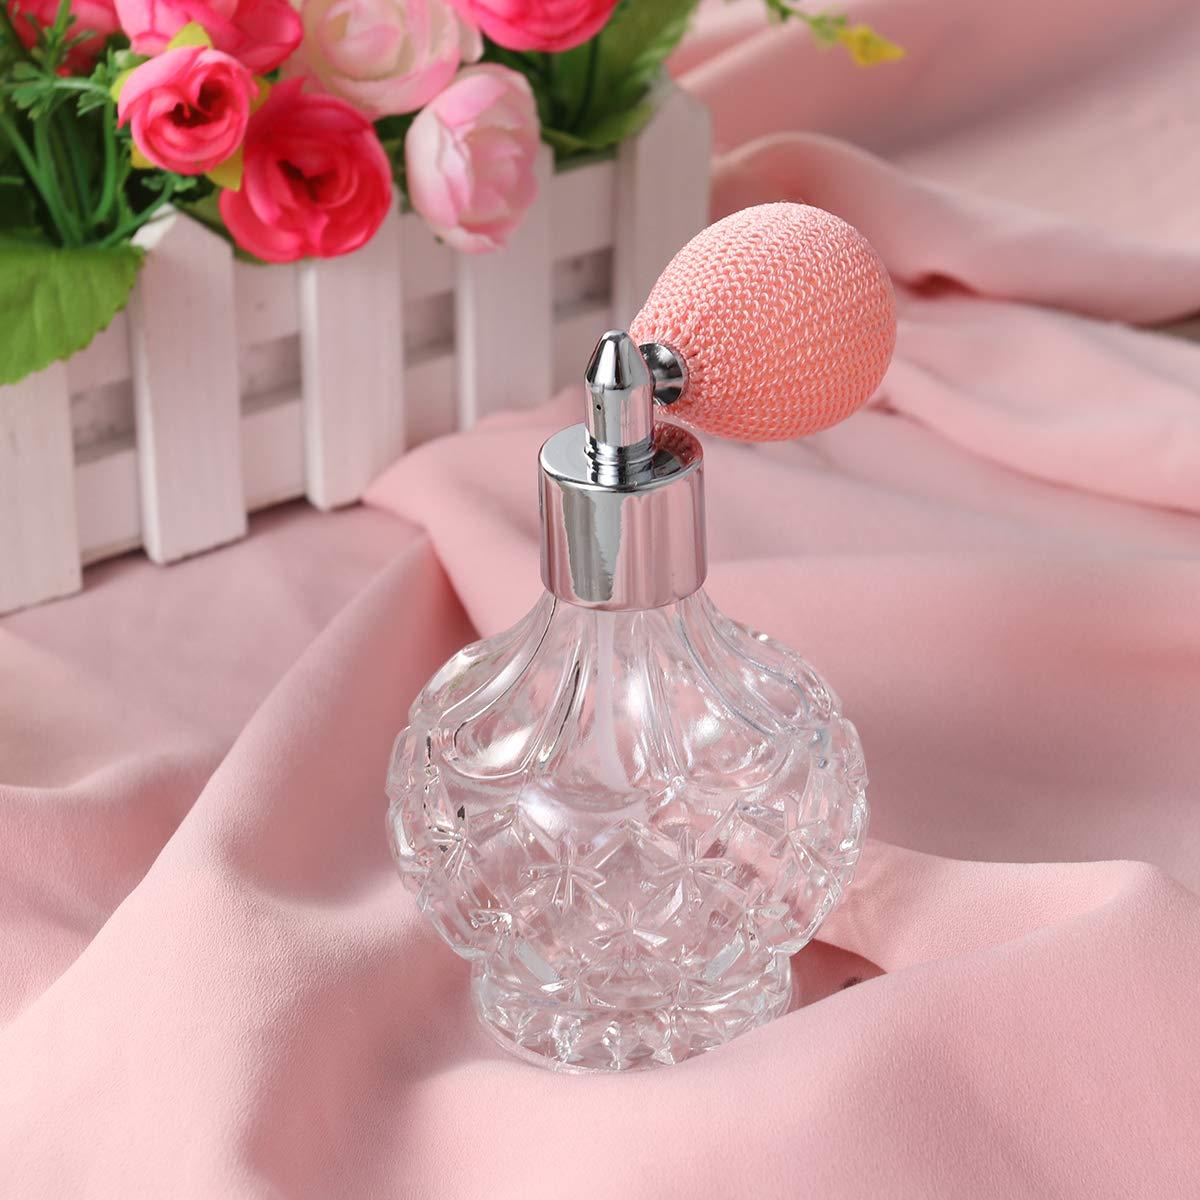 Healifty Botella Atomizador Aerosol de Perfume de Estrella Cristal Vidrio Vacía Recargable 100 ML para Aceites Esenciales Otros Líquidos: Amazon.es: Hogar